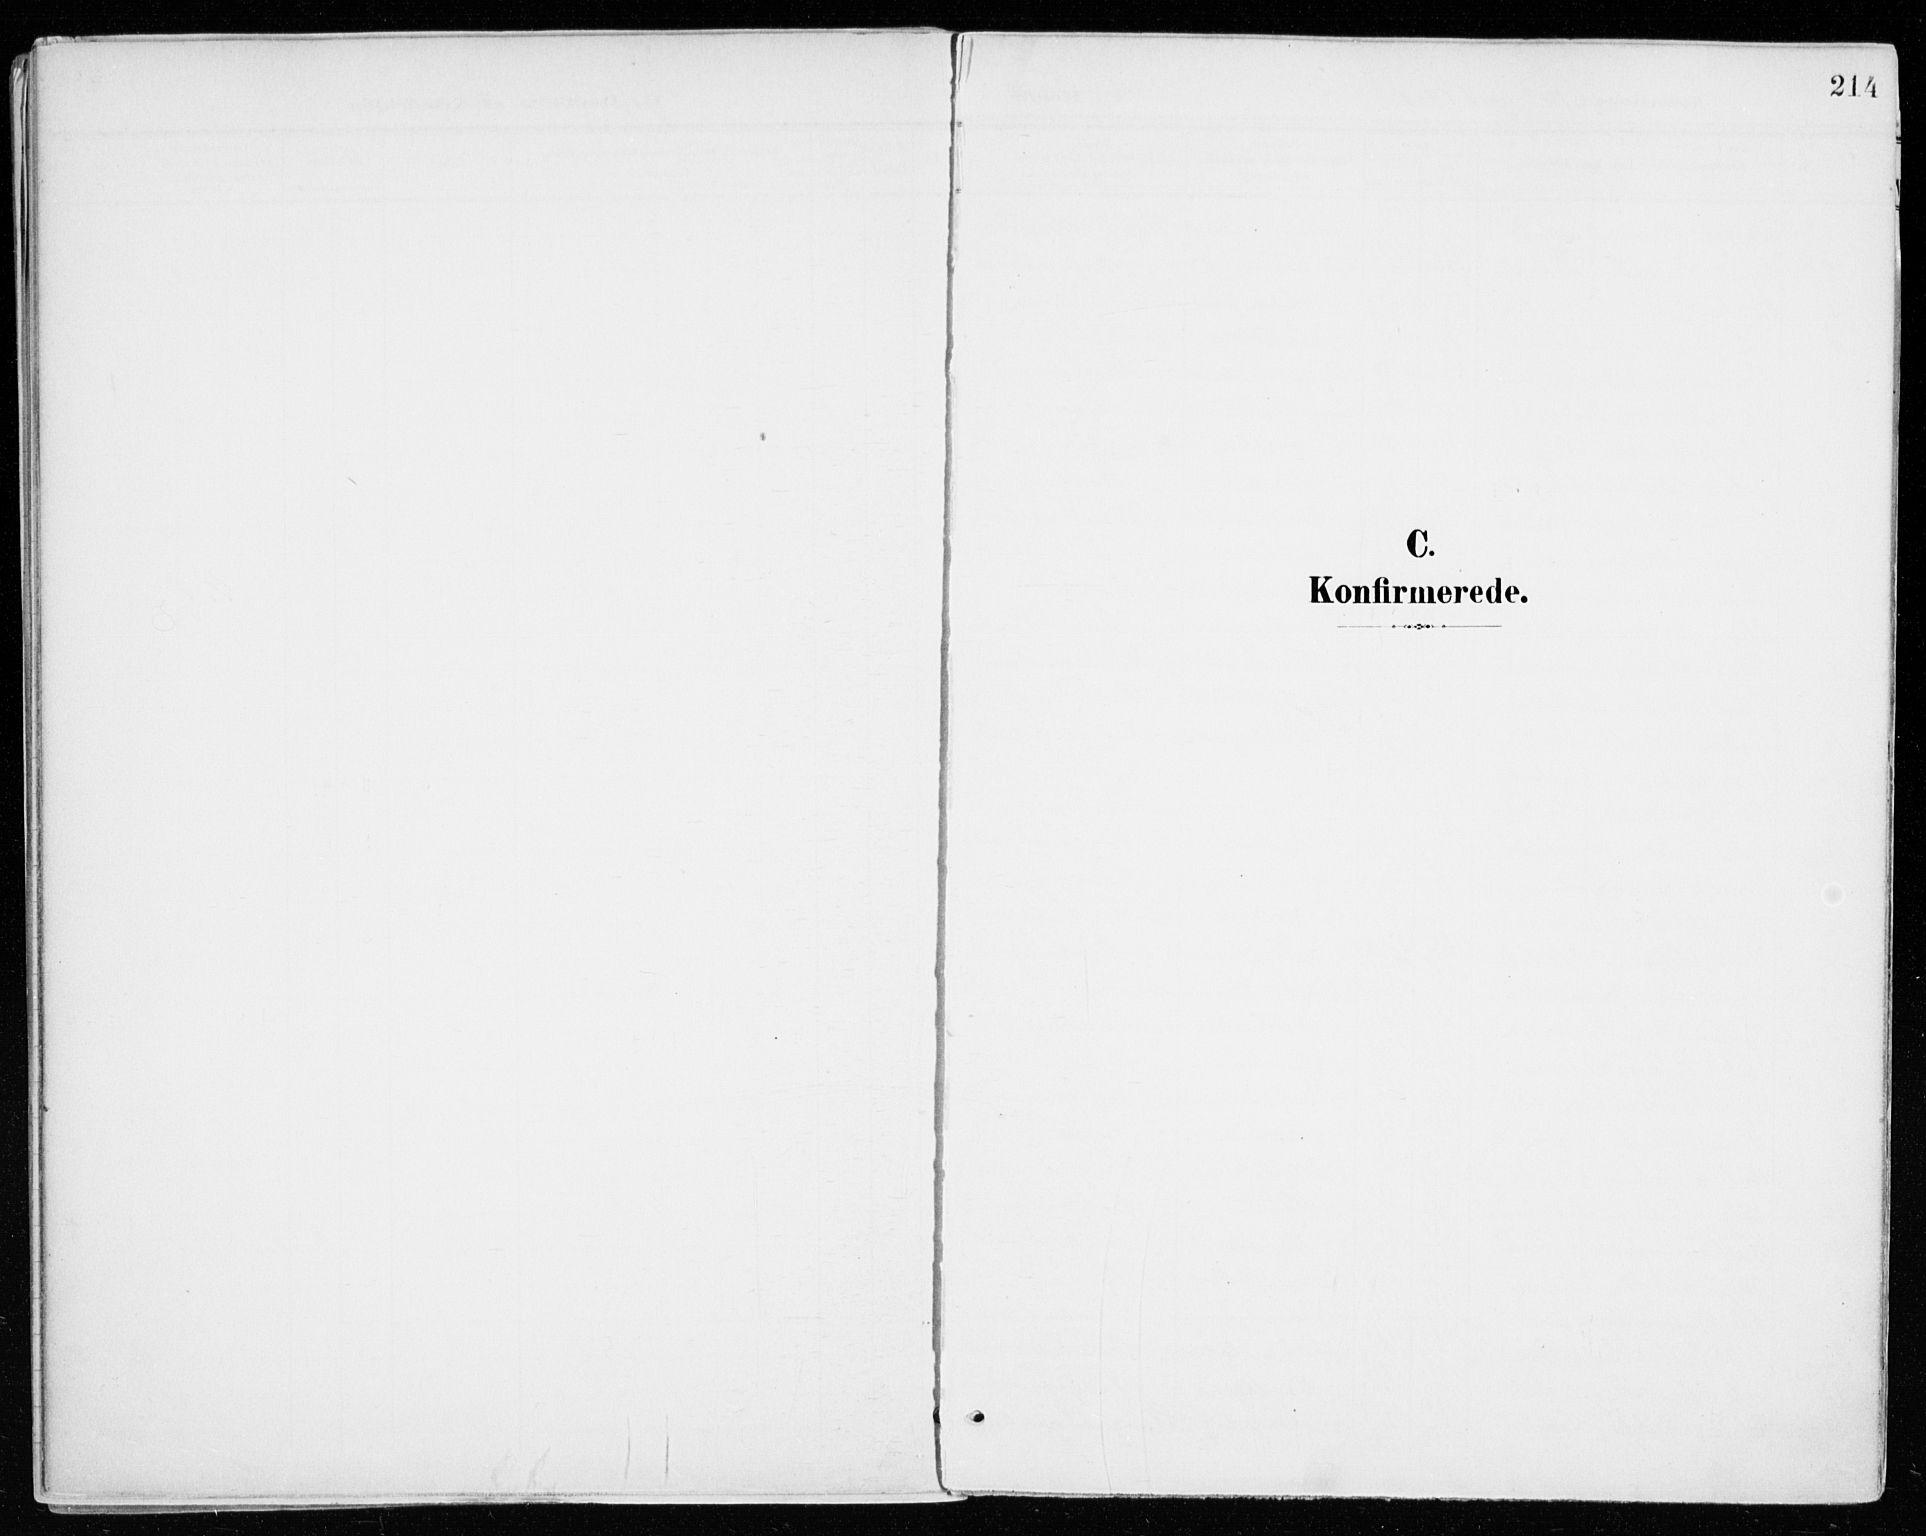 SAH, Vang prestekontor, Hedmark, H/Ha/Haa/L0021: Ministerialbok nr. 21, 1902-1917, s. 214